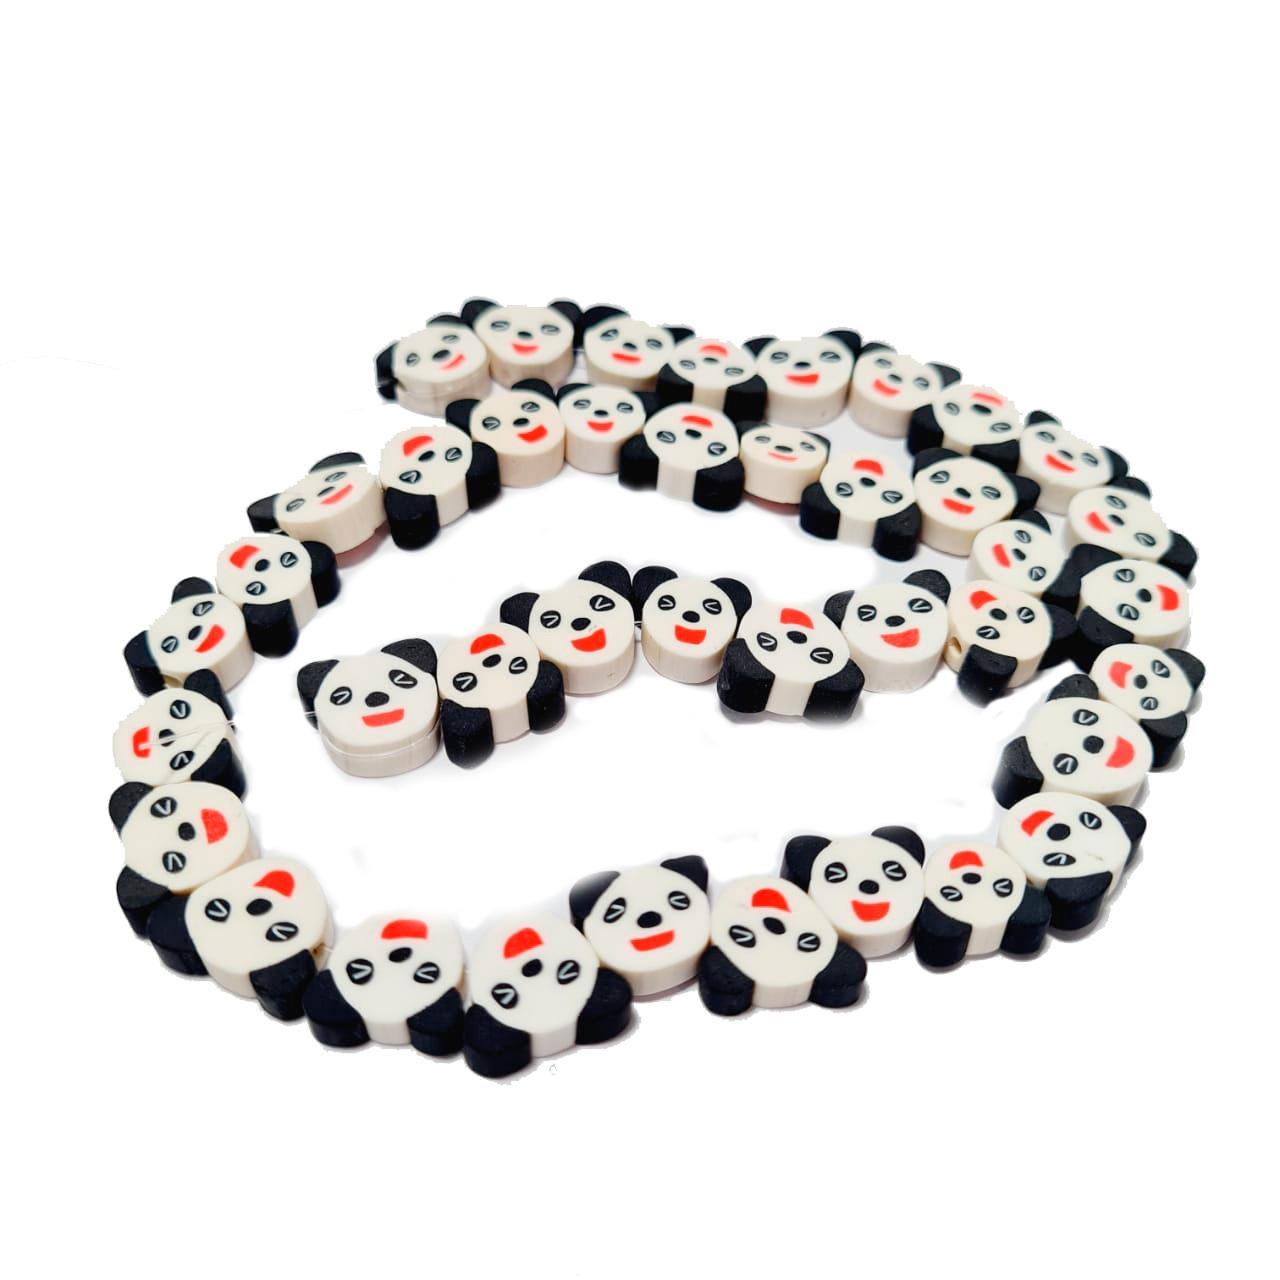 Fio de Urso Panda Emborrachados